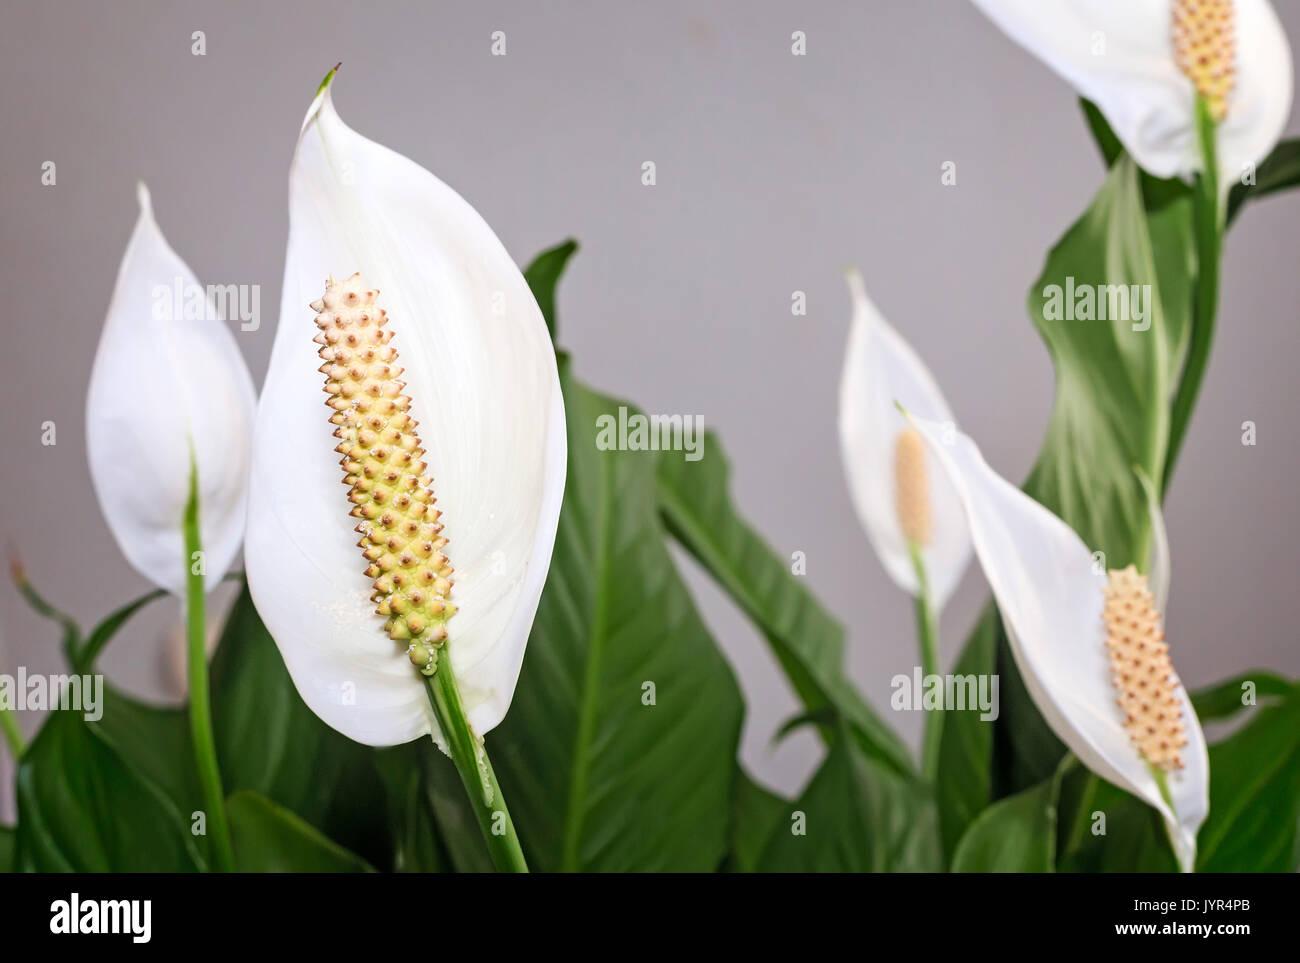 Hermosas flores blancas y hojas verdes flor tropical Spathiphyllum sobre un fondo claro. Foto de stock